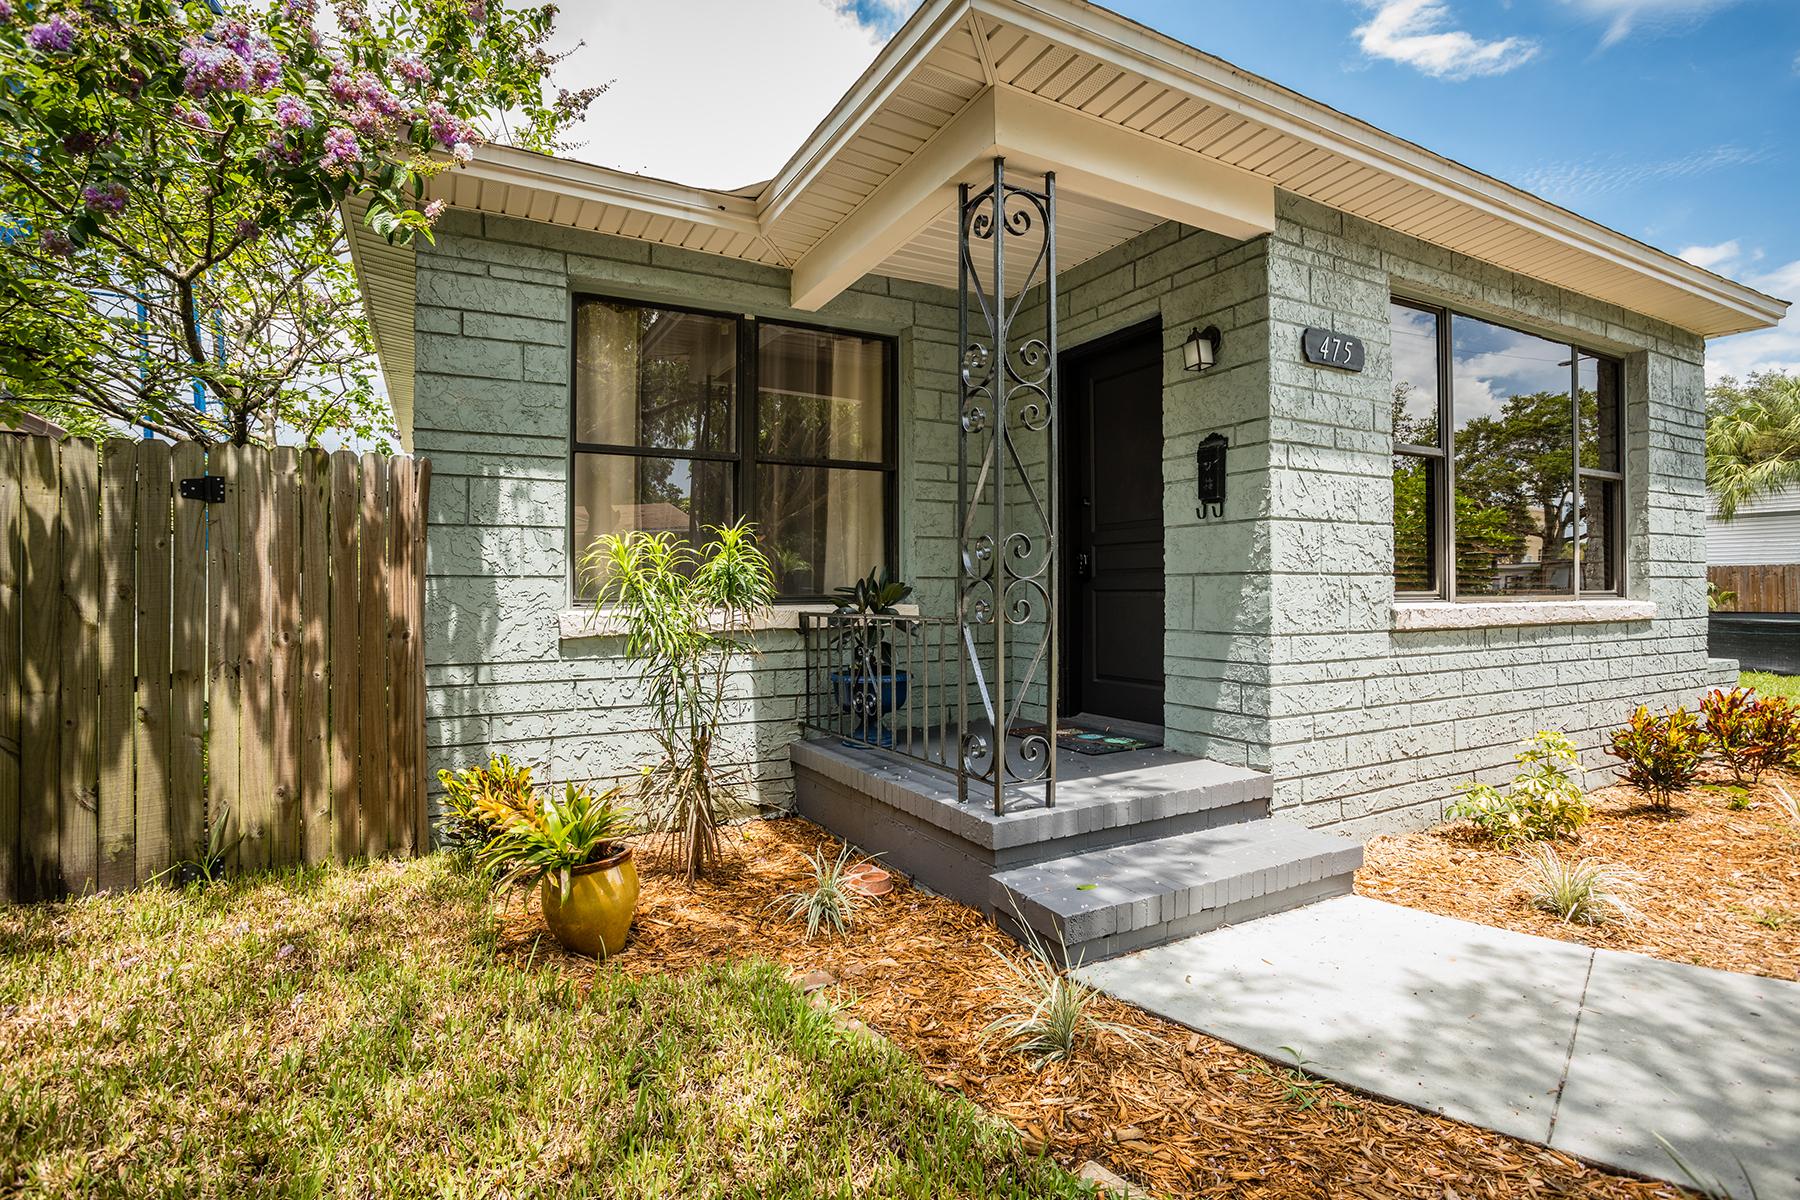 Частный односемейный дом для того Продажа на CRESCENT LAKE 475 12th Ave N St. Petersburg, Флорида, 33701 Соединенные Штаты